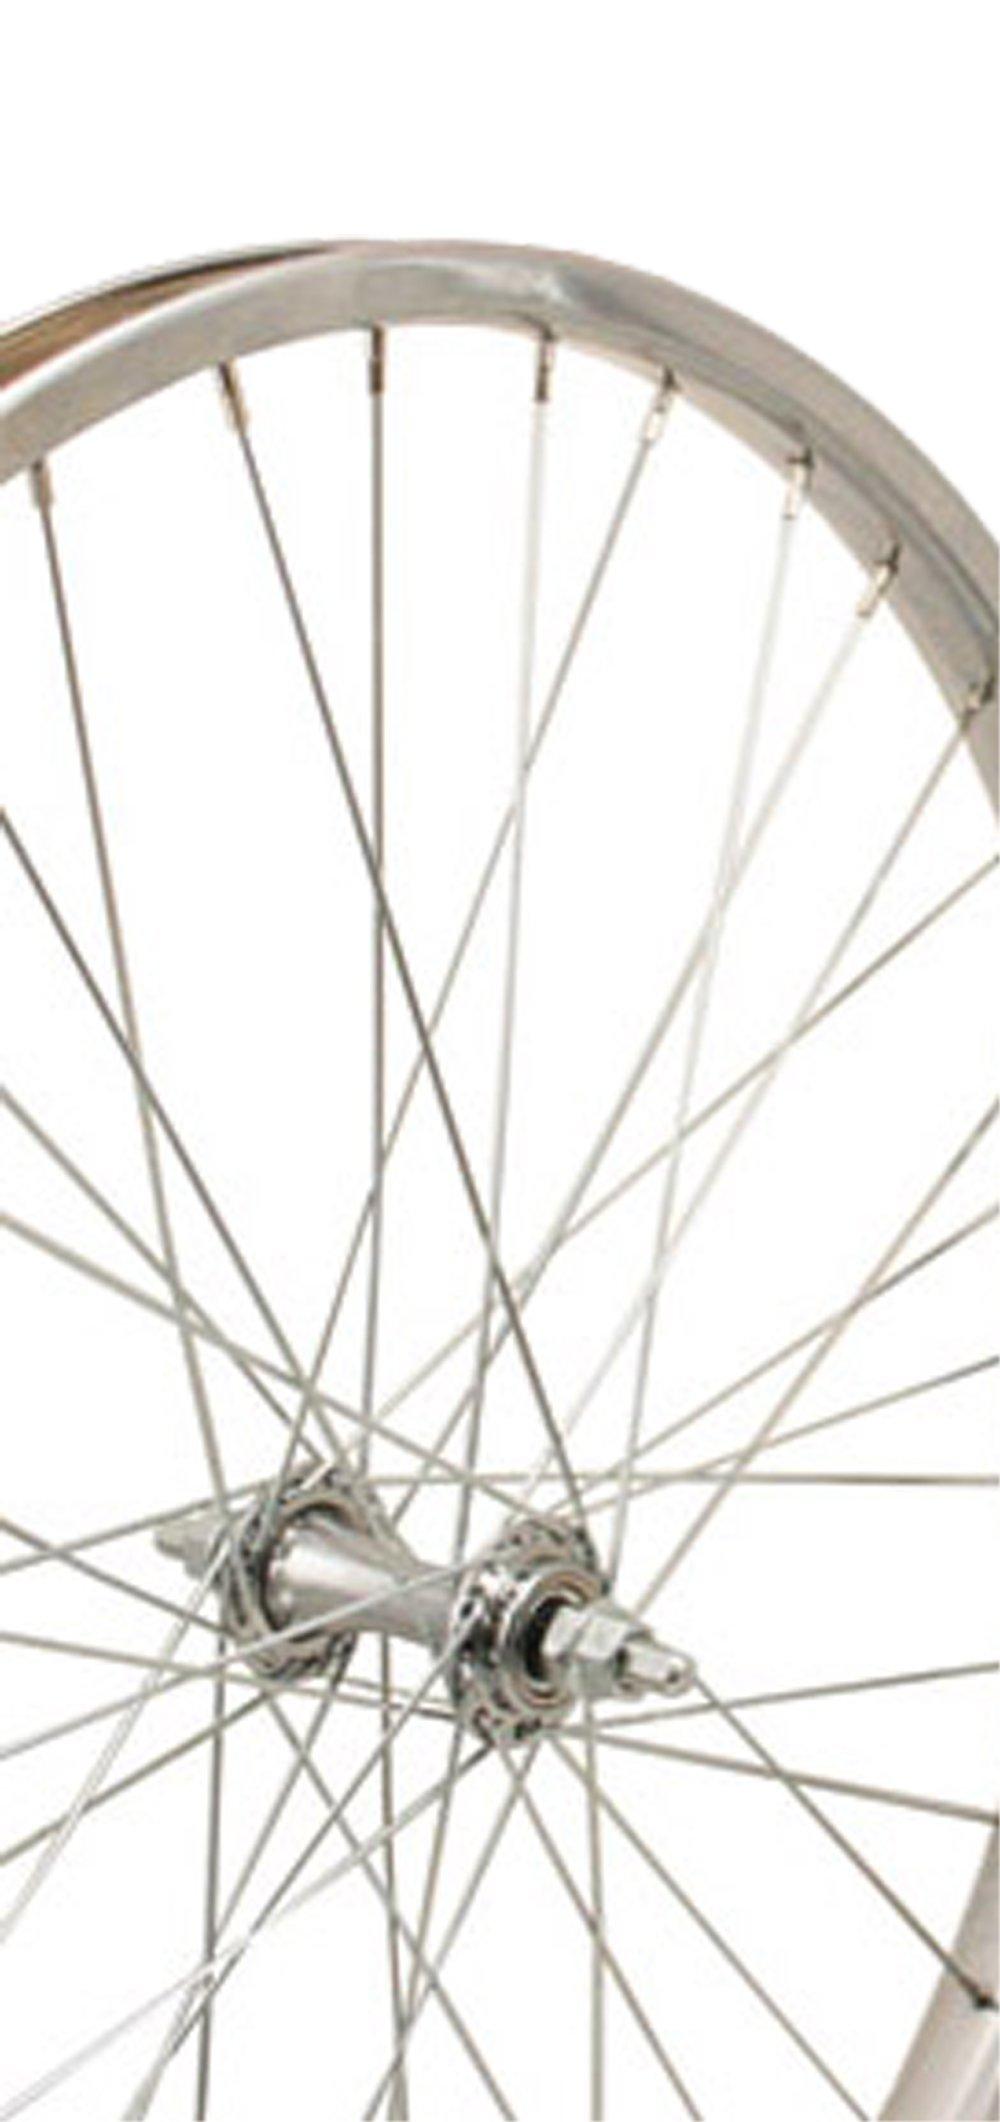 Sta-Tru Steel Hub Front Wheel (24X1.75-Inch)